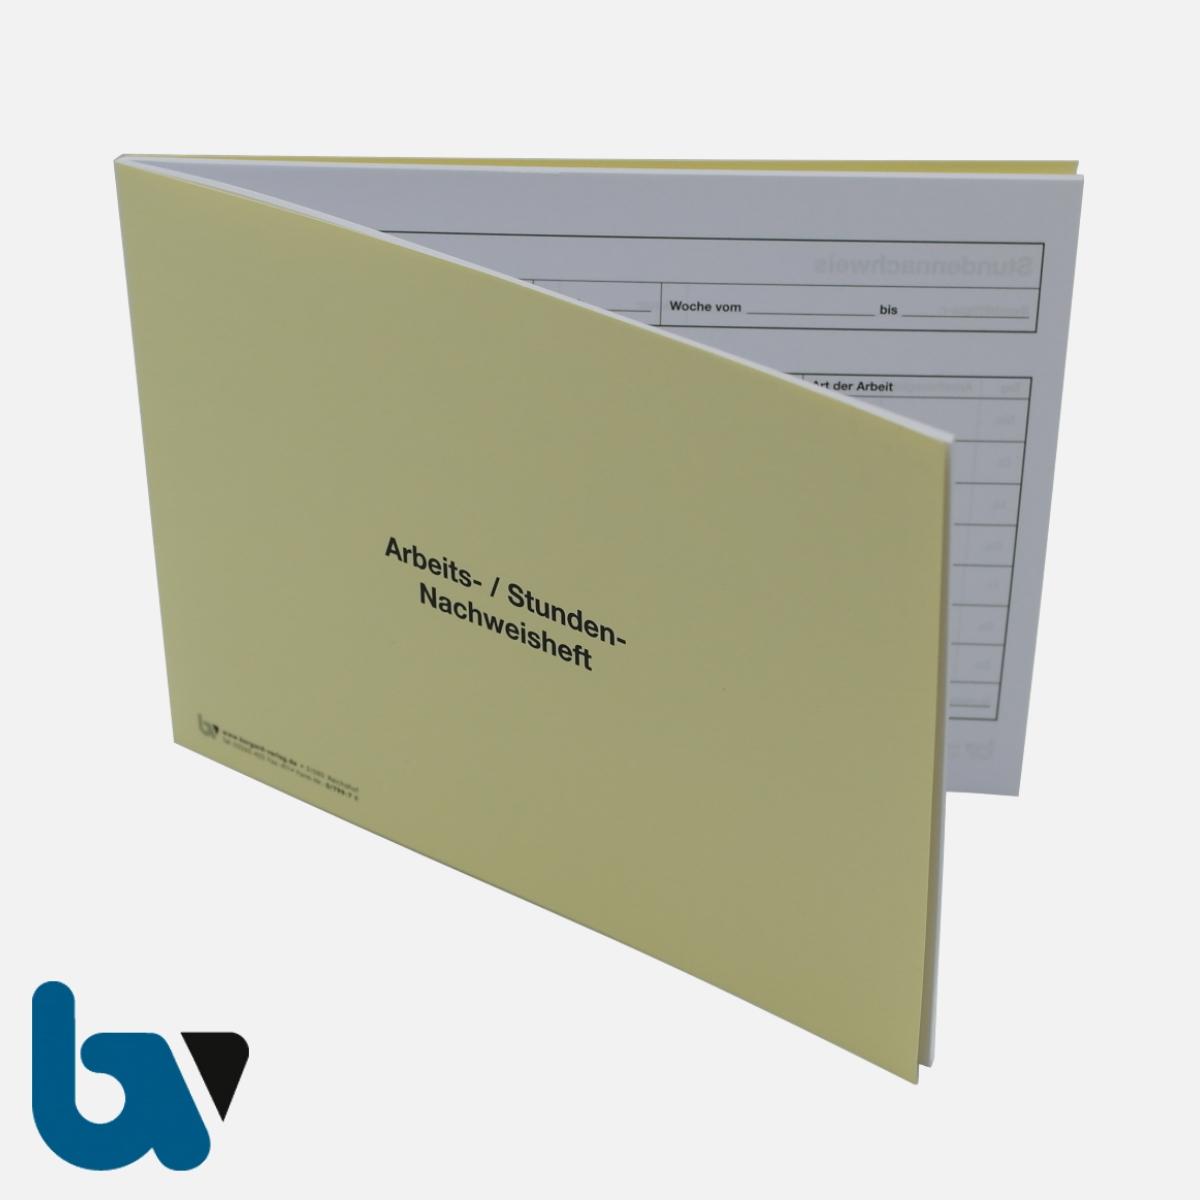 0/799-7 Stundennachweis Arbeit Wochenstunden Heft DIN A5 Vorderseite | Borgard Verlag GmbH